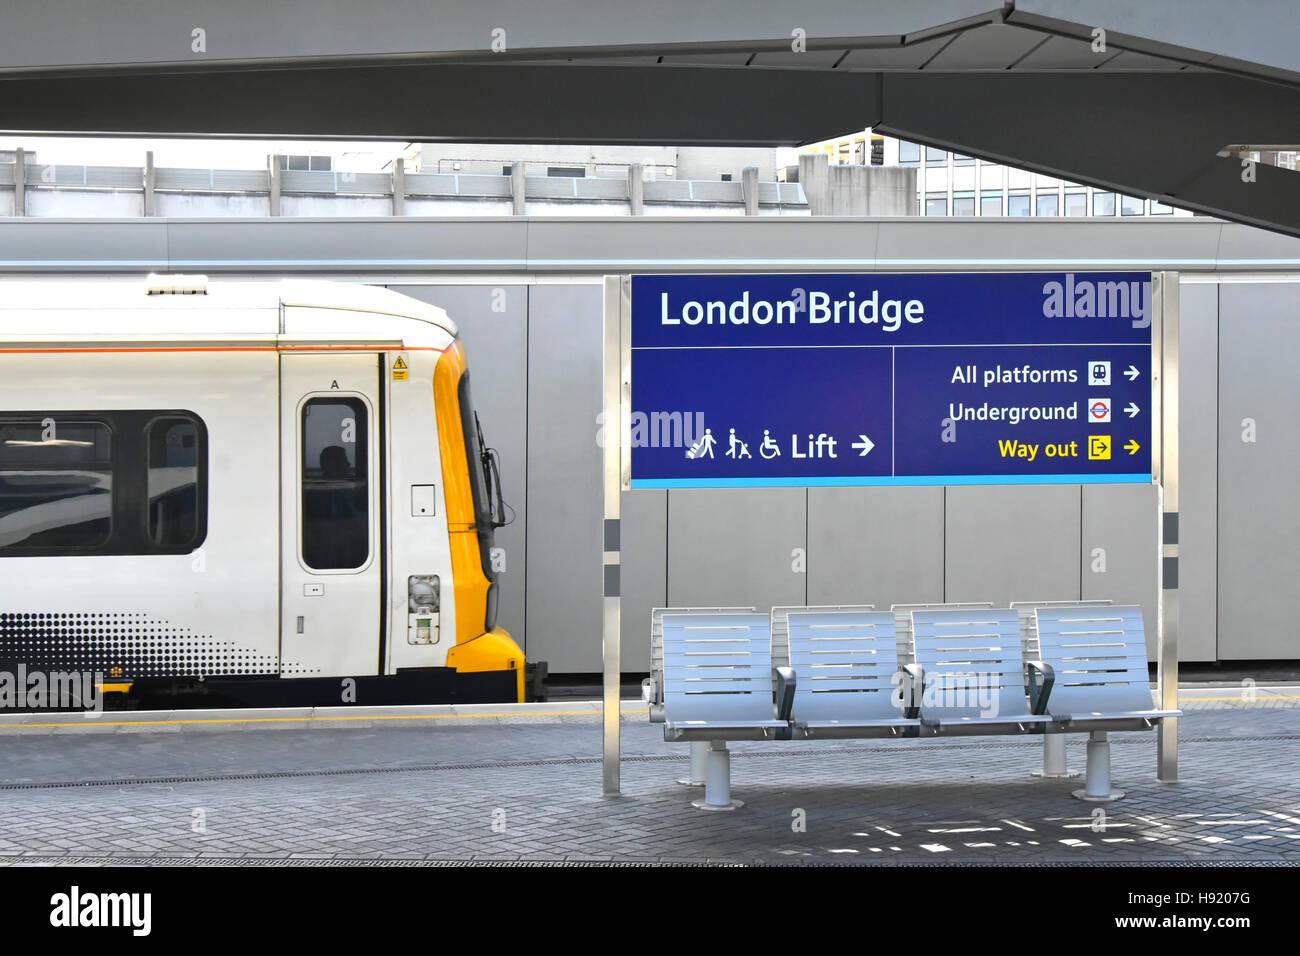 Ankunft im renovierten Plattform Einrichtungen im Bahnhof London Bridge Bestandteil einer großen öffentlichen Stockbild